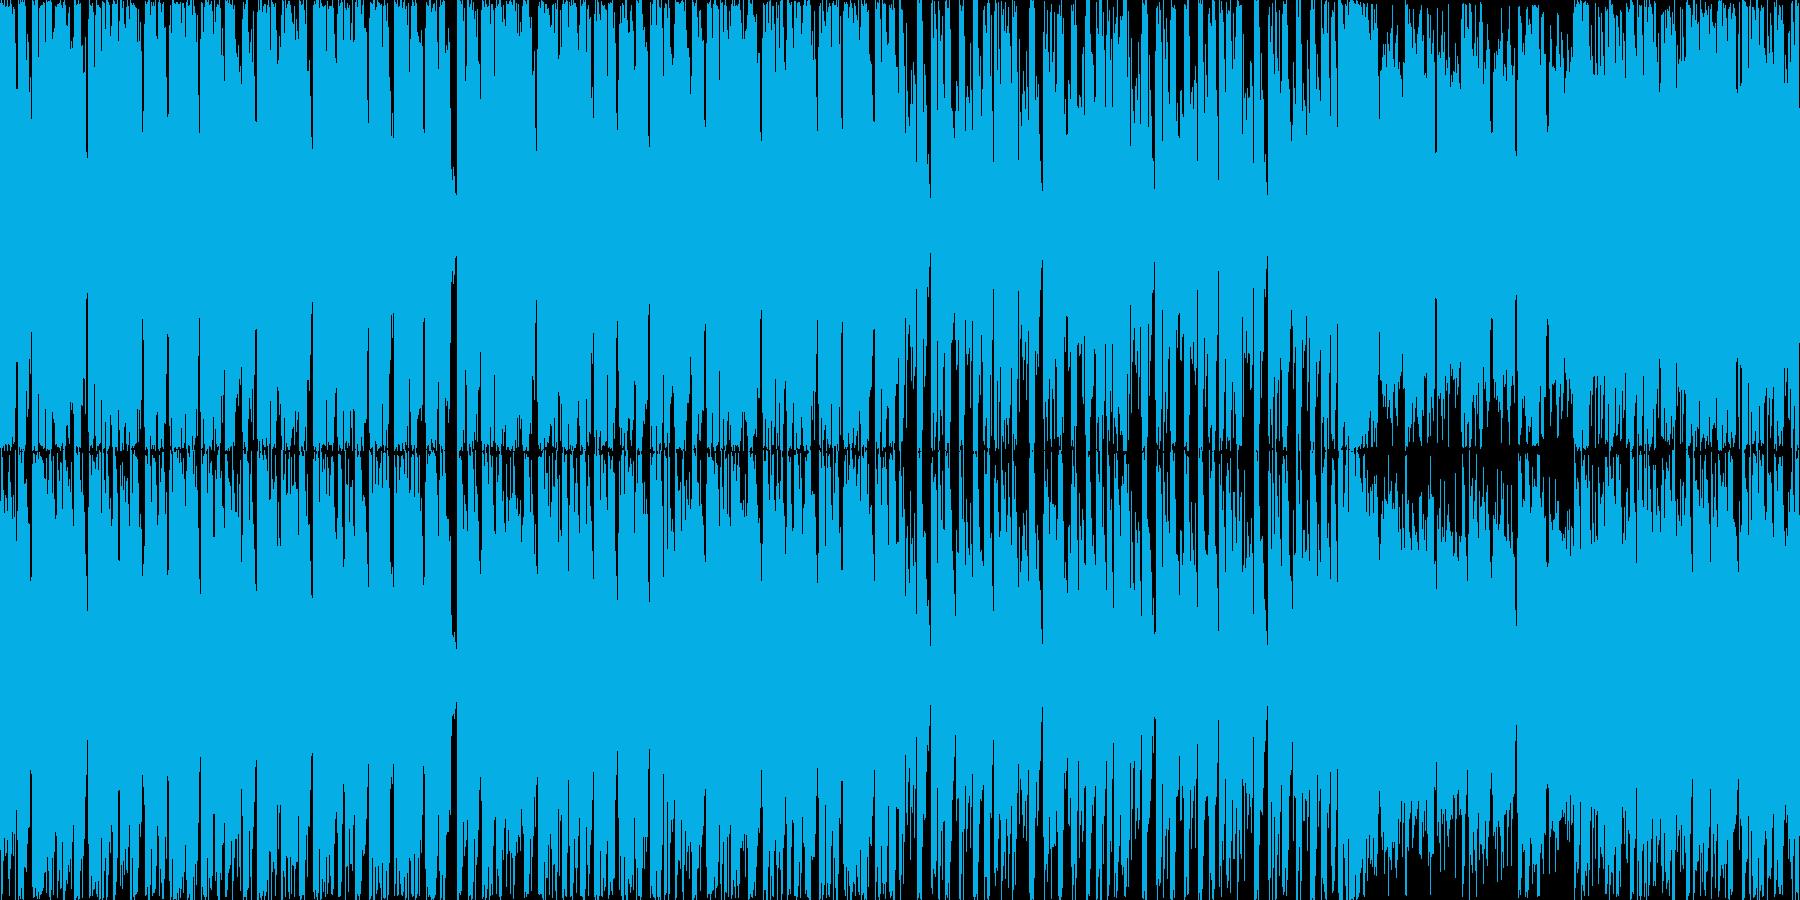 ロックマンを意識した疾走感重視のドラム…の再生済みの波形